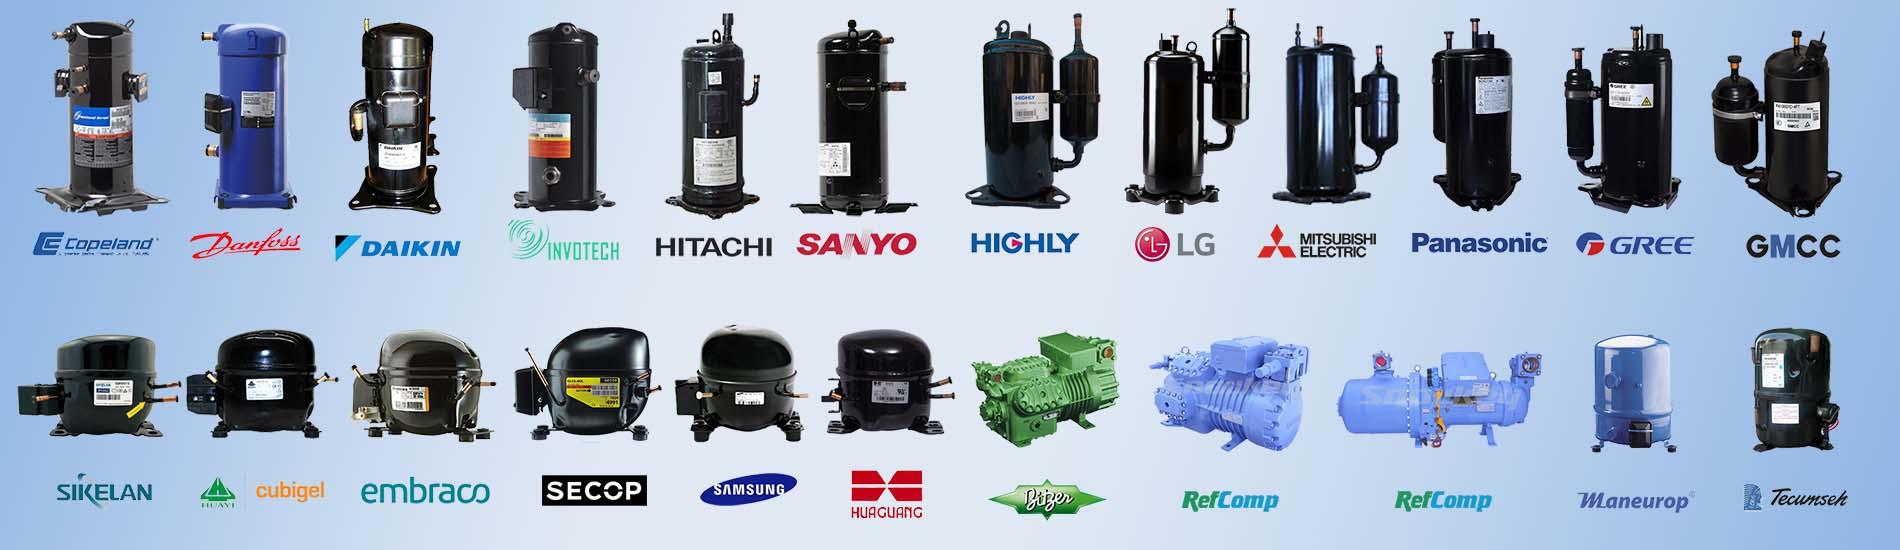 NEWEX HVACR Compressor Company slider - 1900-550